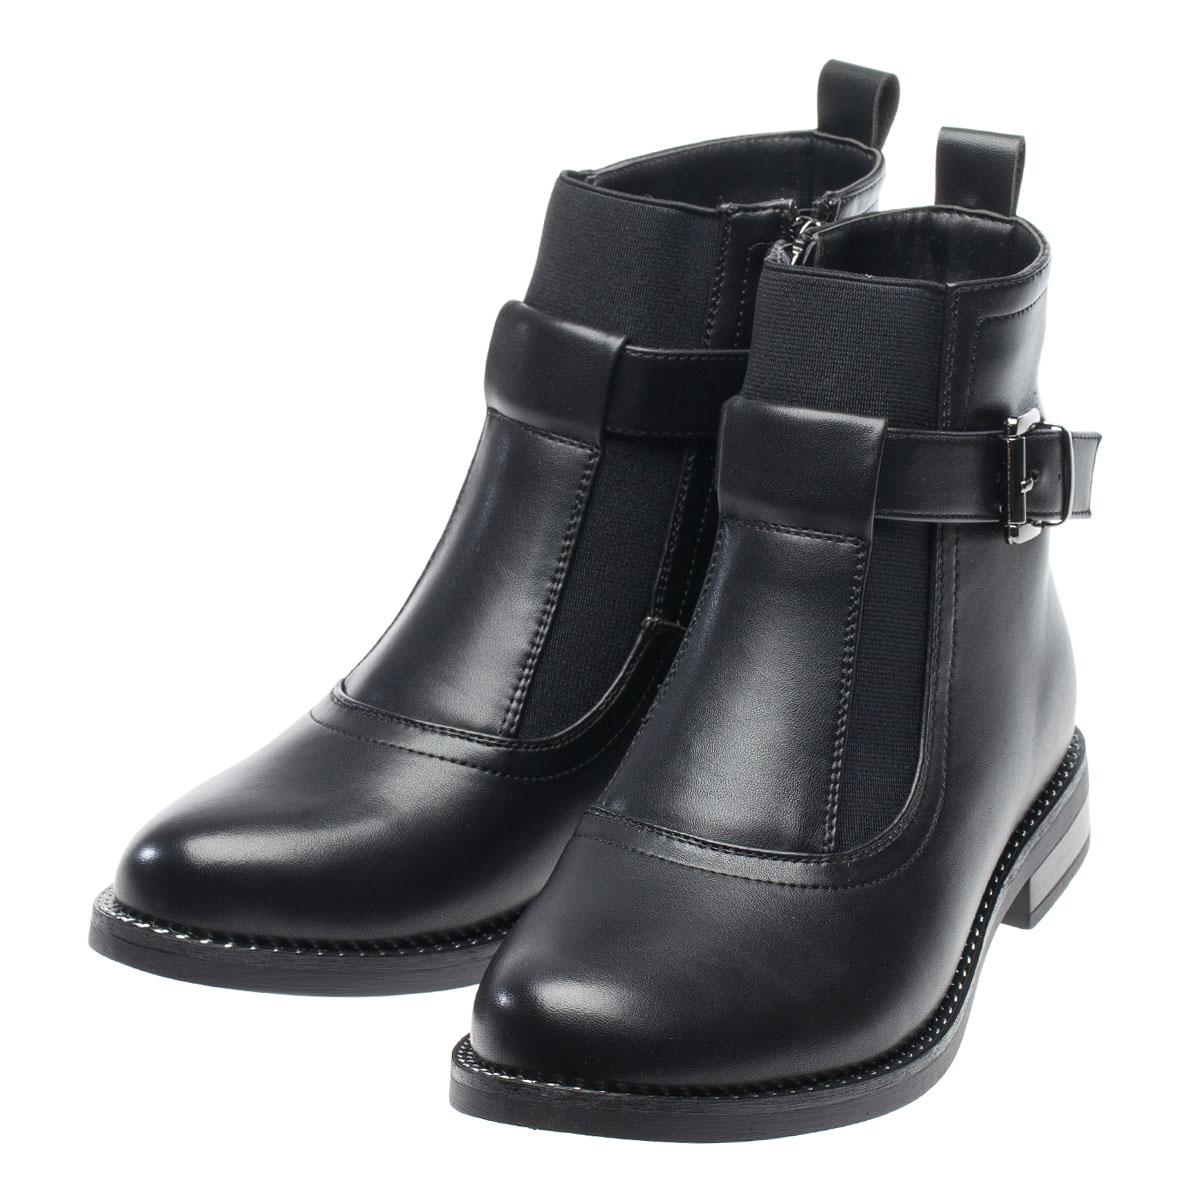 Ботинки демисезонные FERTO, D18-37610 демисезонные ботинки dior 2015 d995902